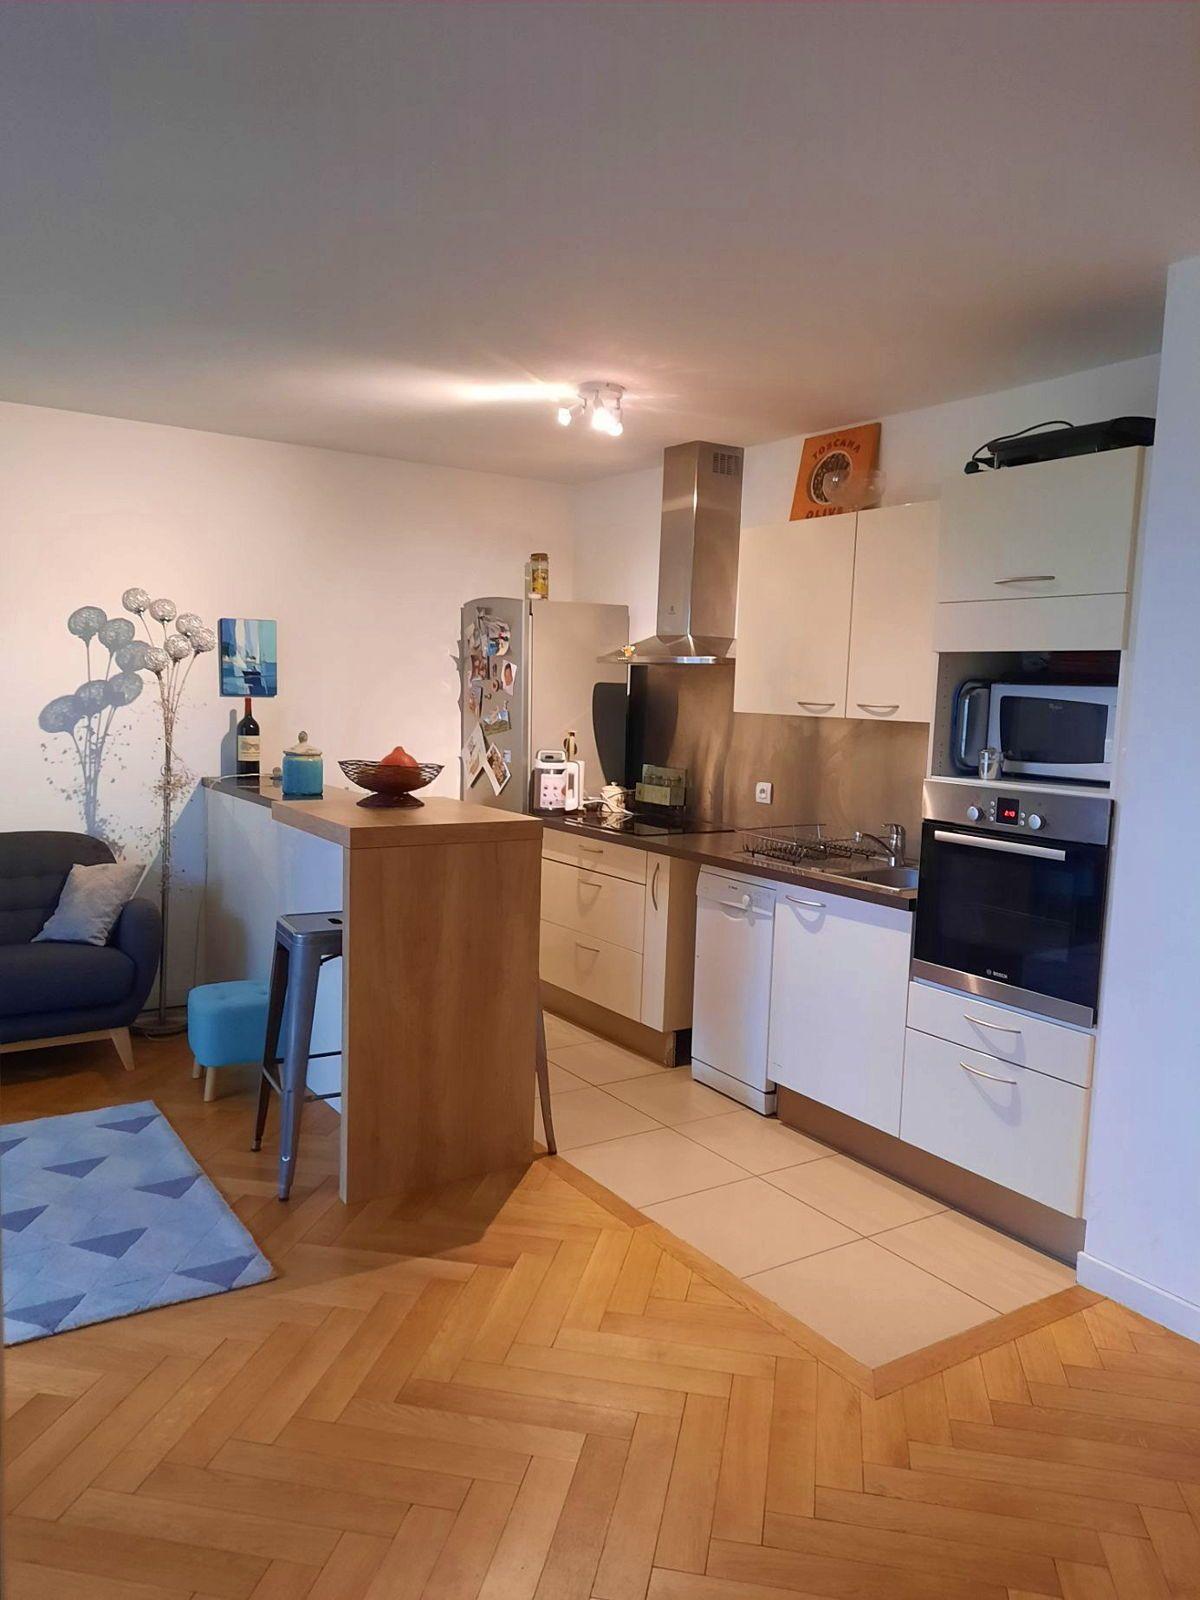 Vends Appartement 2P 50m² avec terrasse jardin à saint cloud- gounod